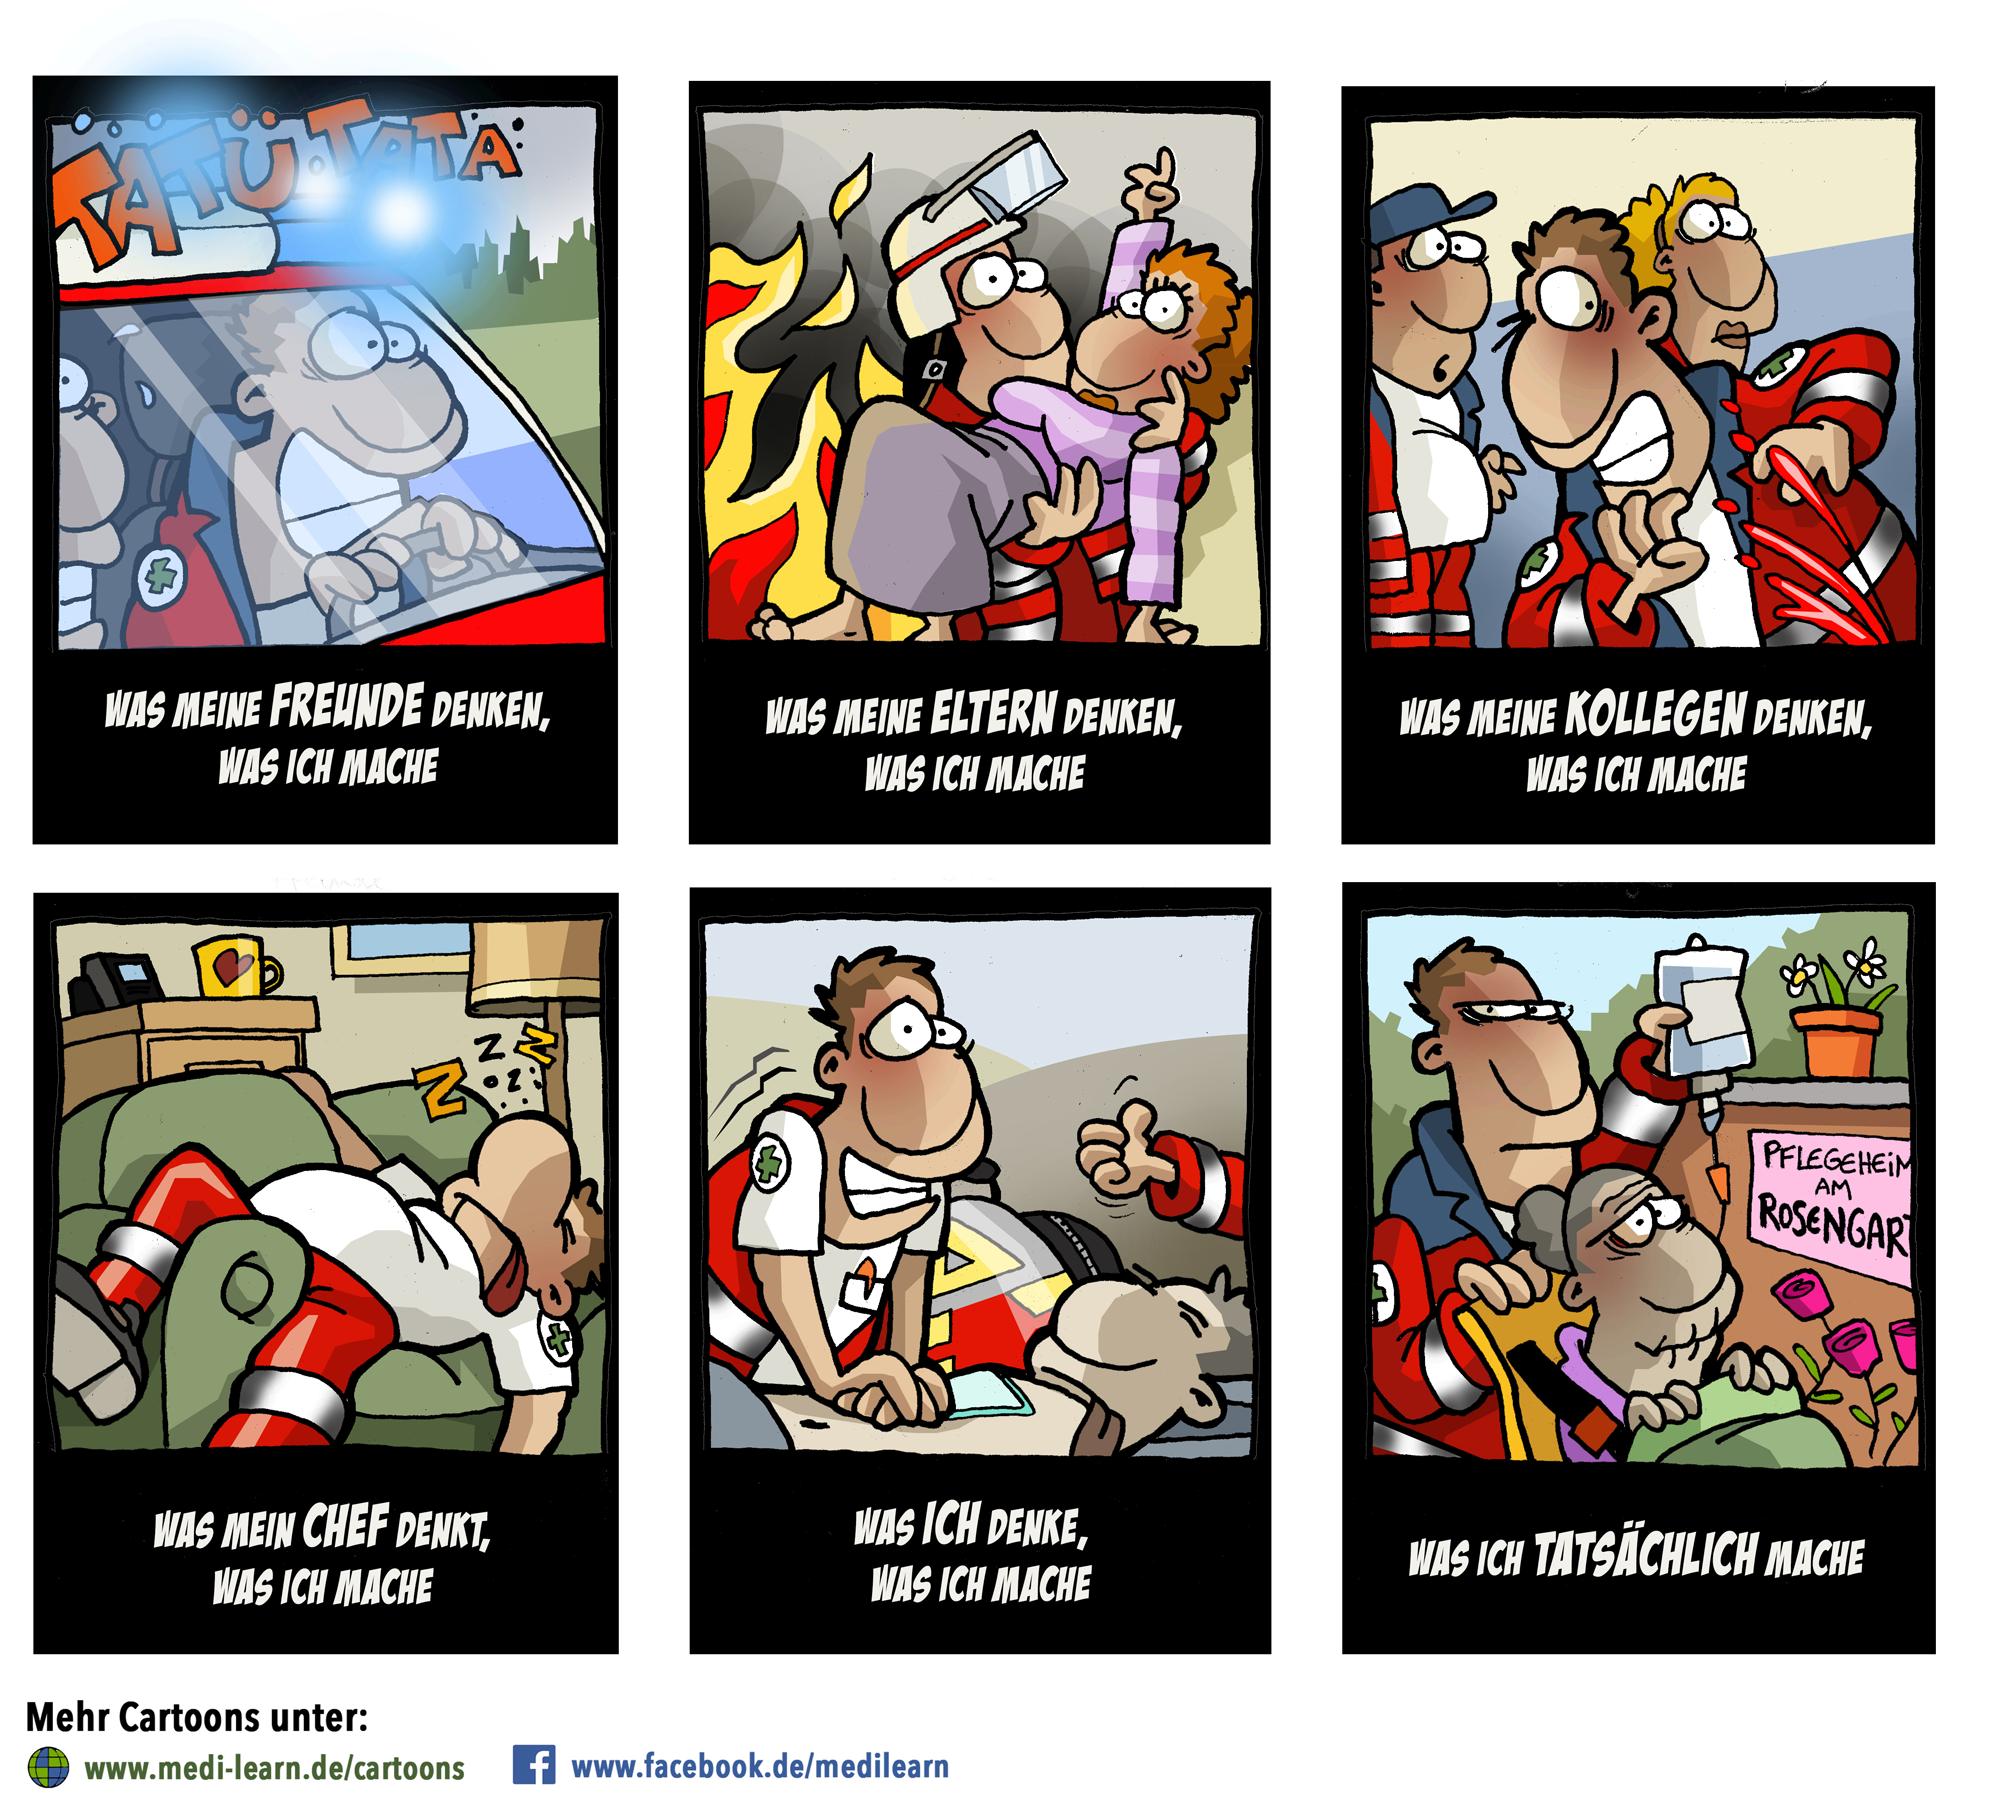 Was andere über den Rettungsdienst denken o0 | Spruch Cartoons ...